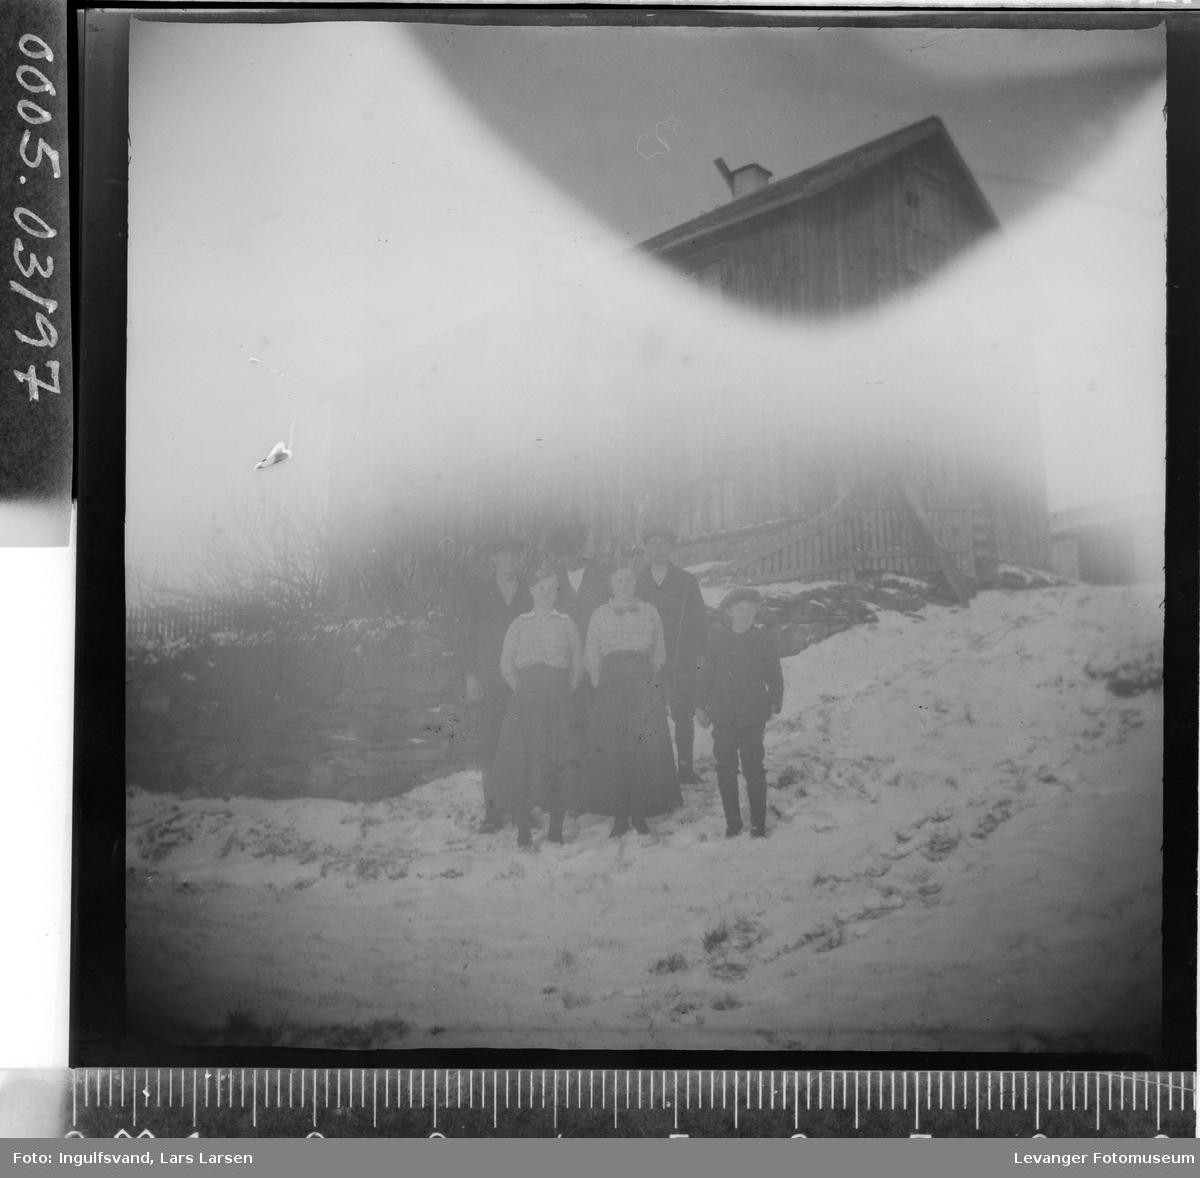 Gruppebilde av tre menn, to kvinner og en gutt foran en bygning.